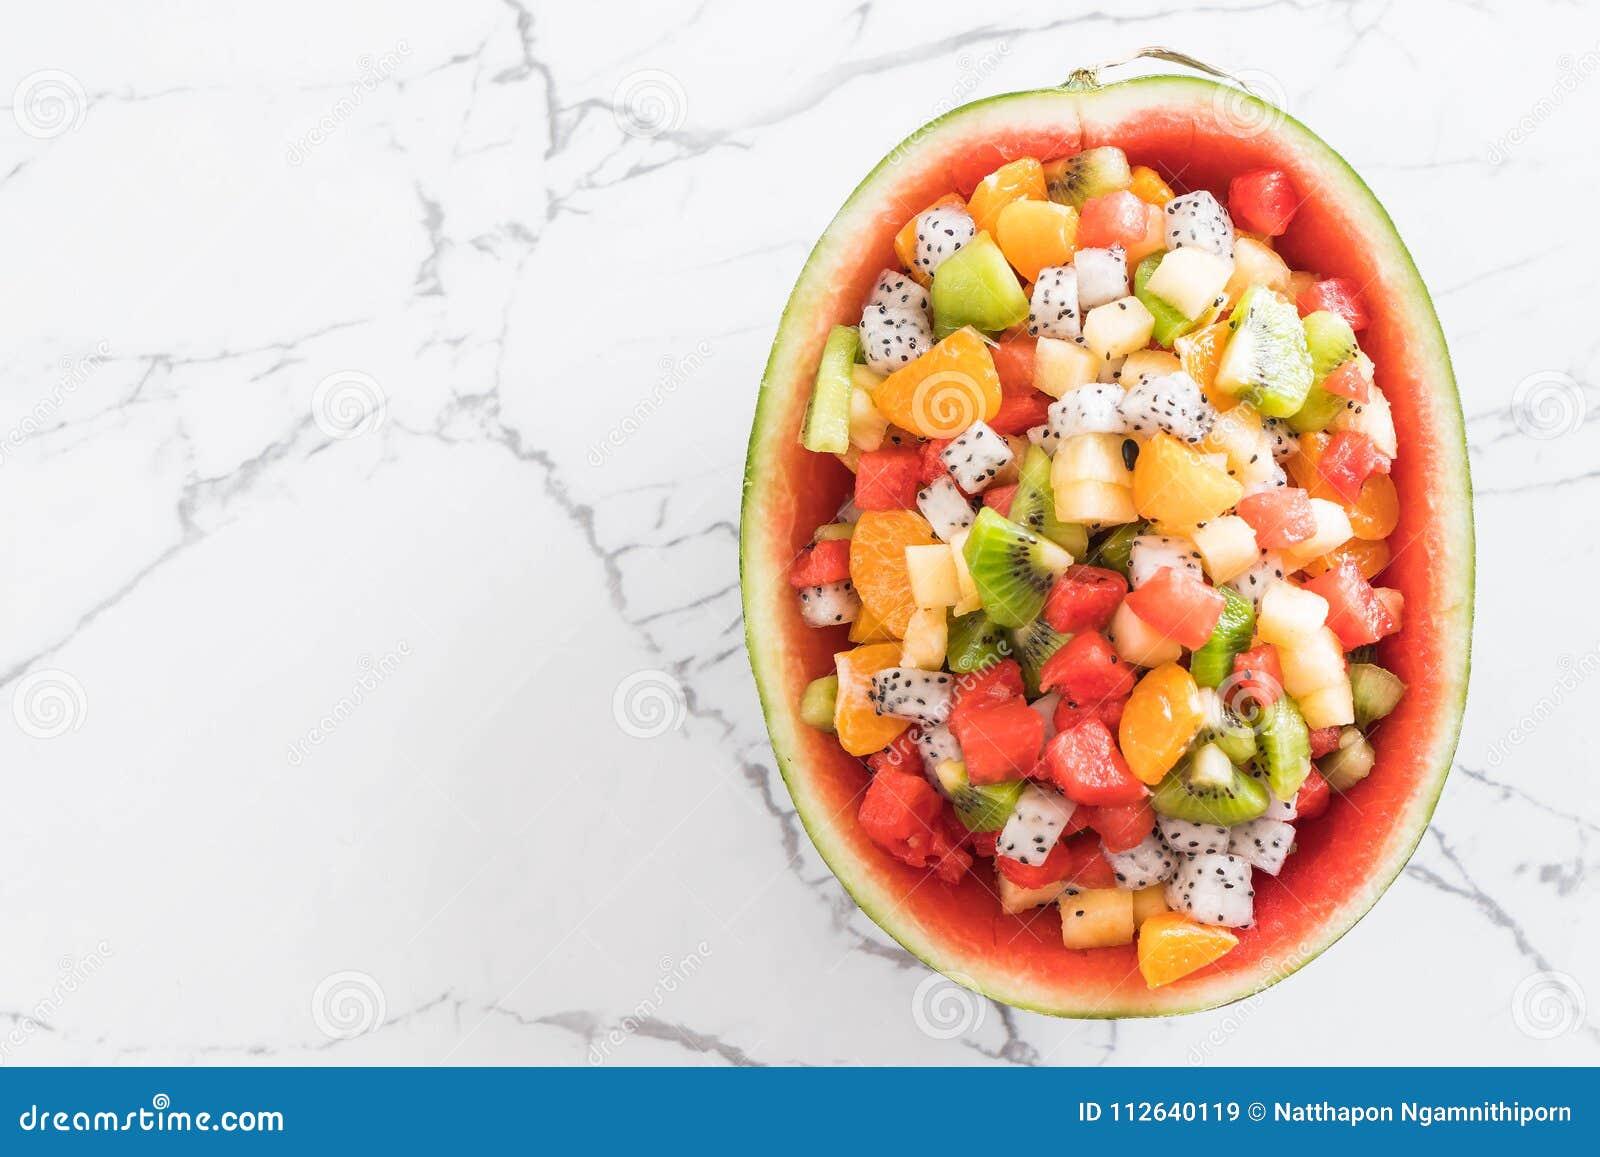 Mischung geschnittene Früchte